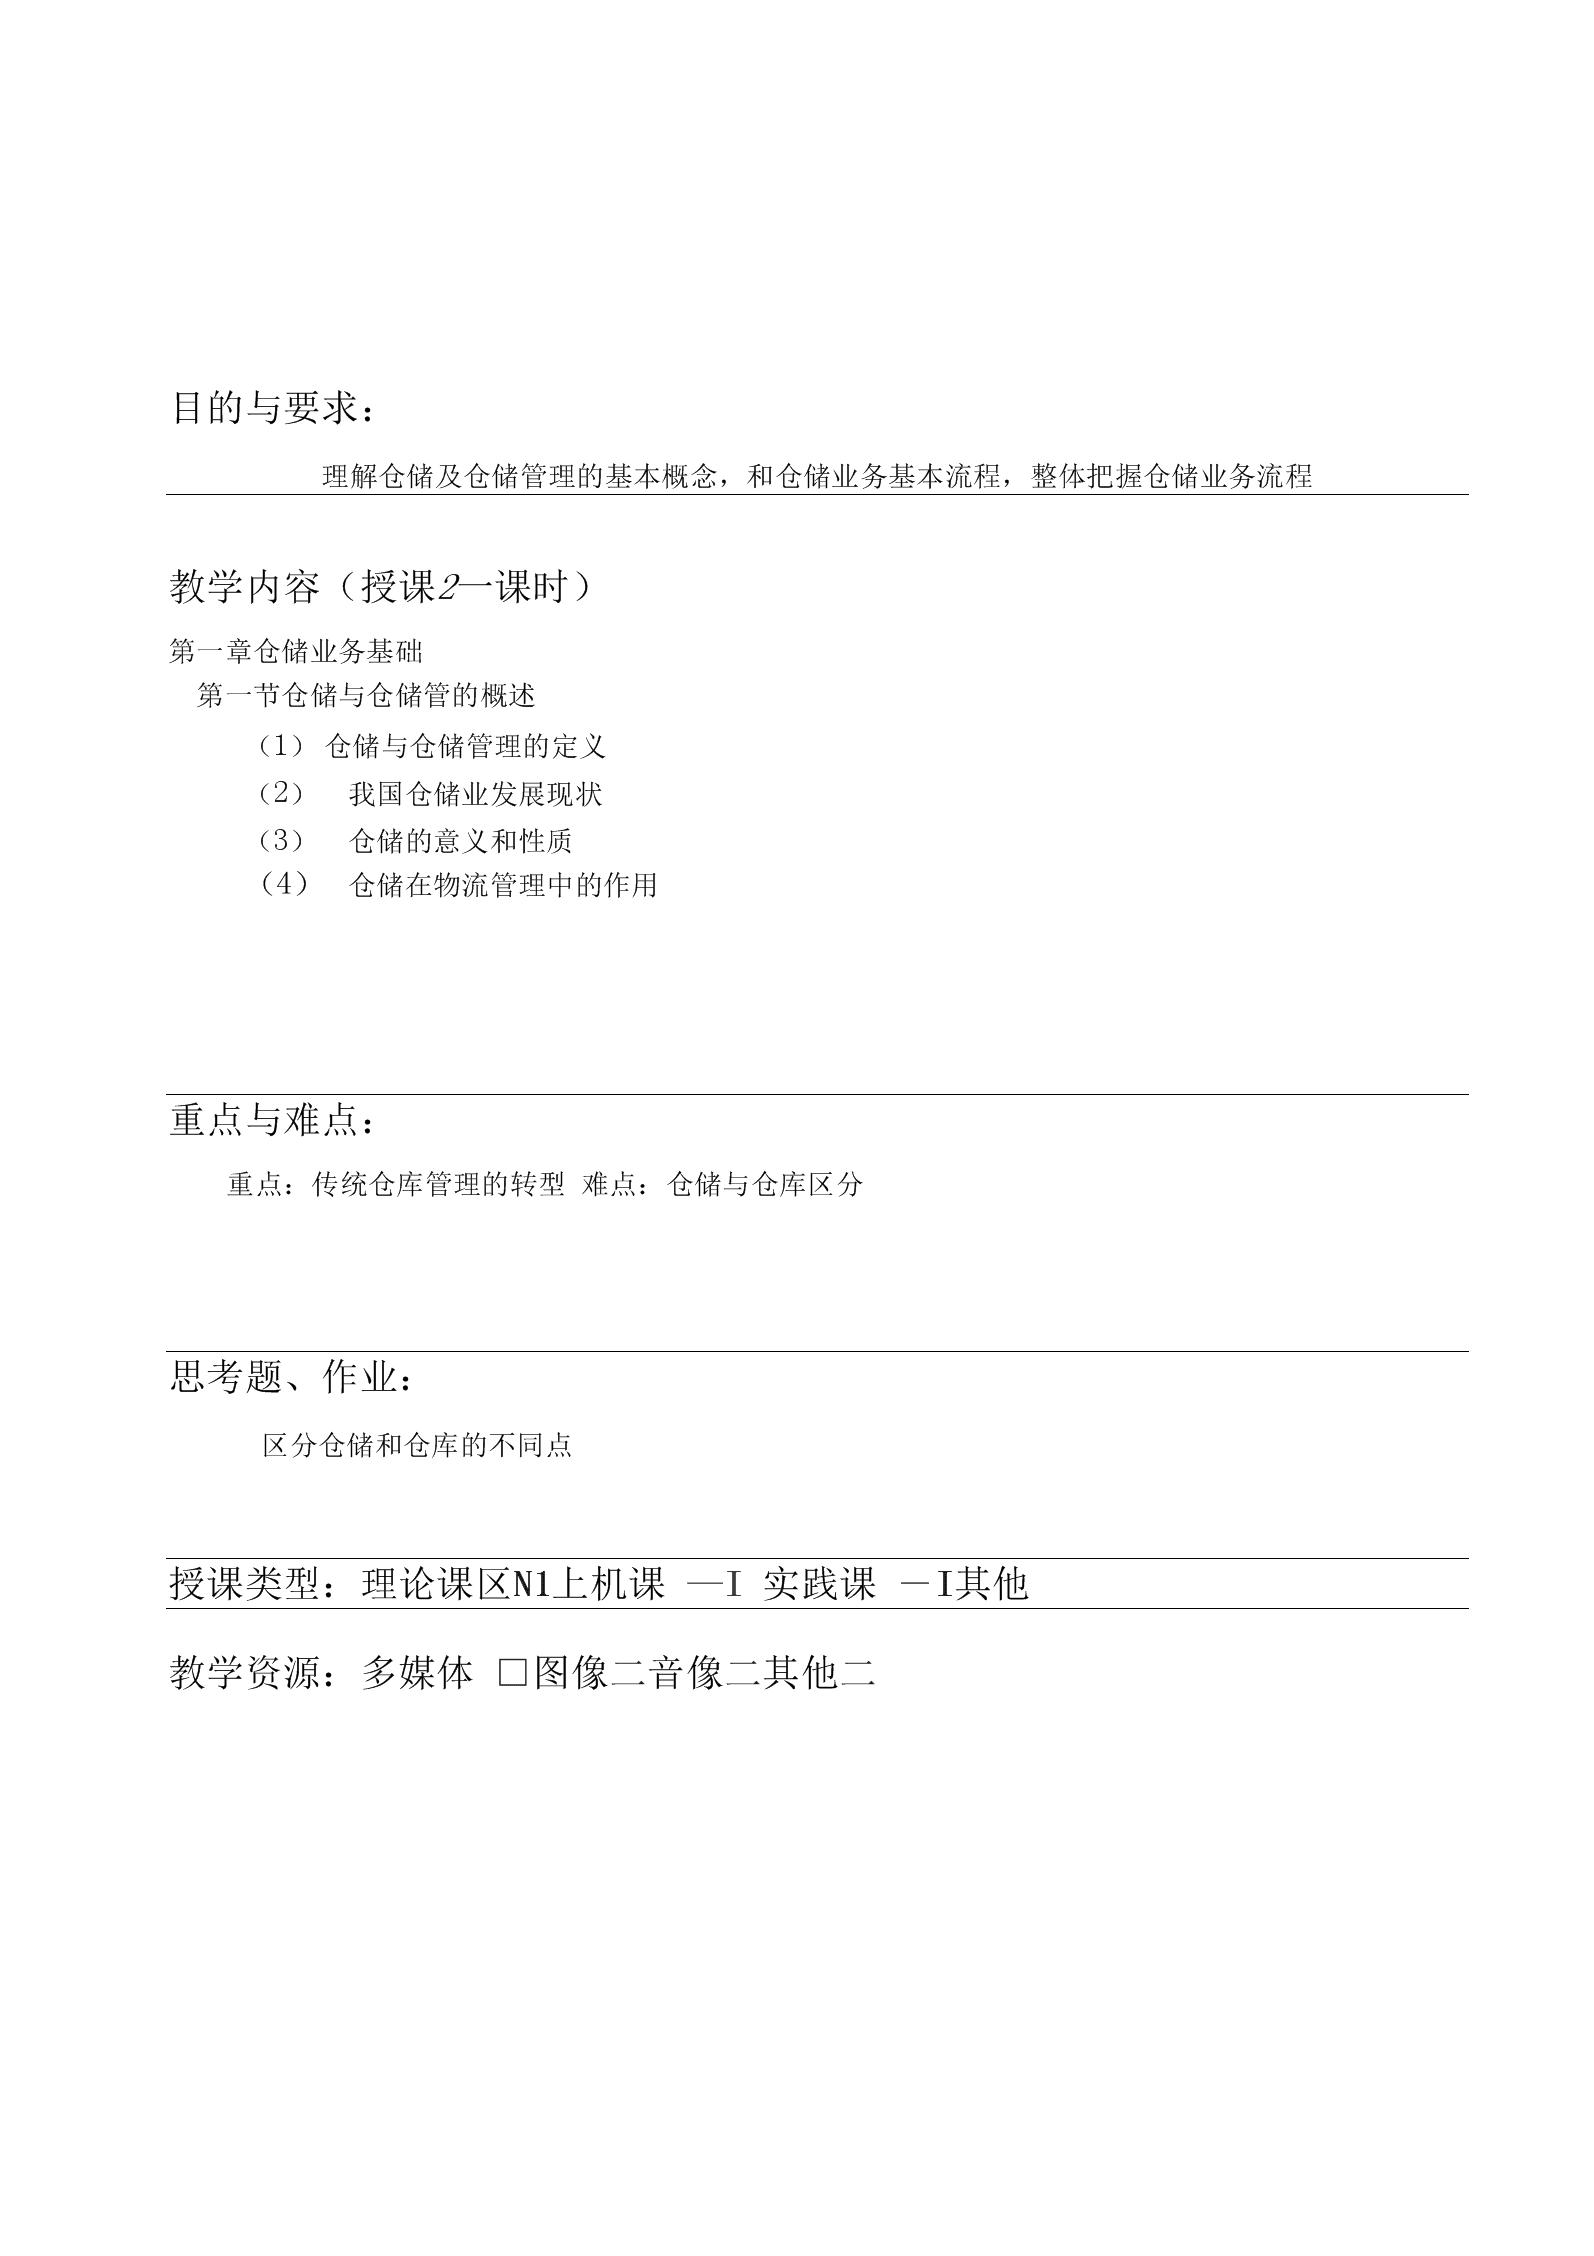 仓储及配送管理教案.docx